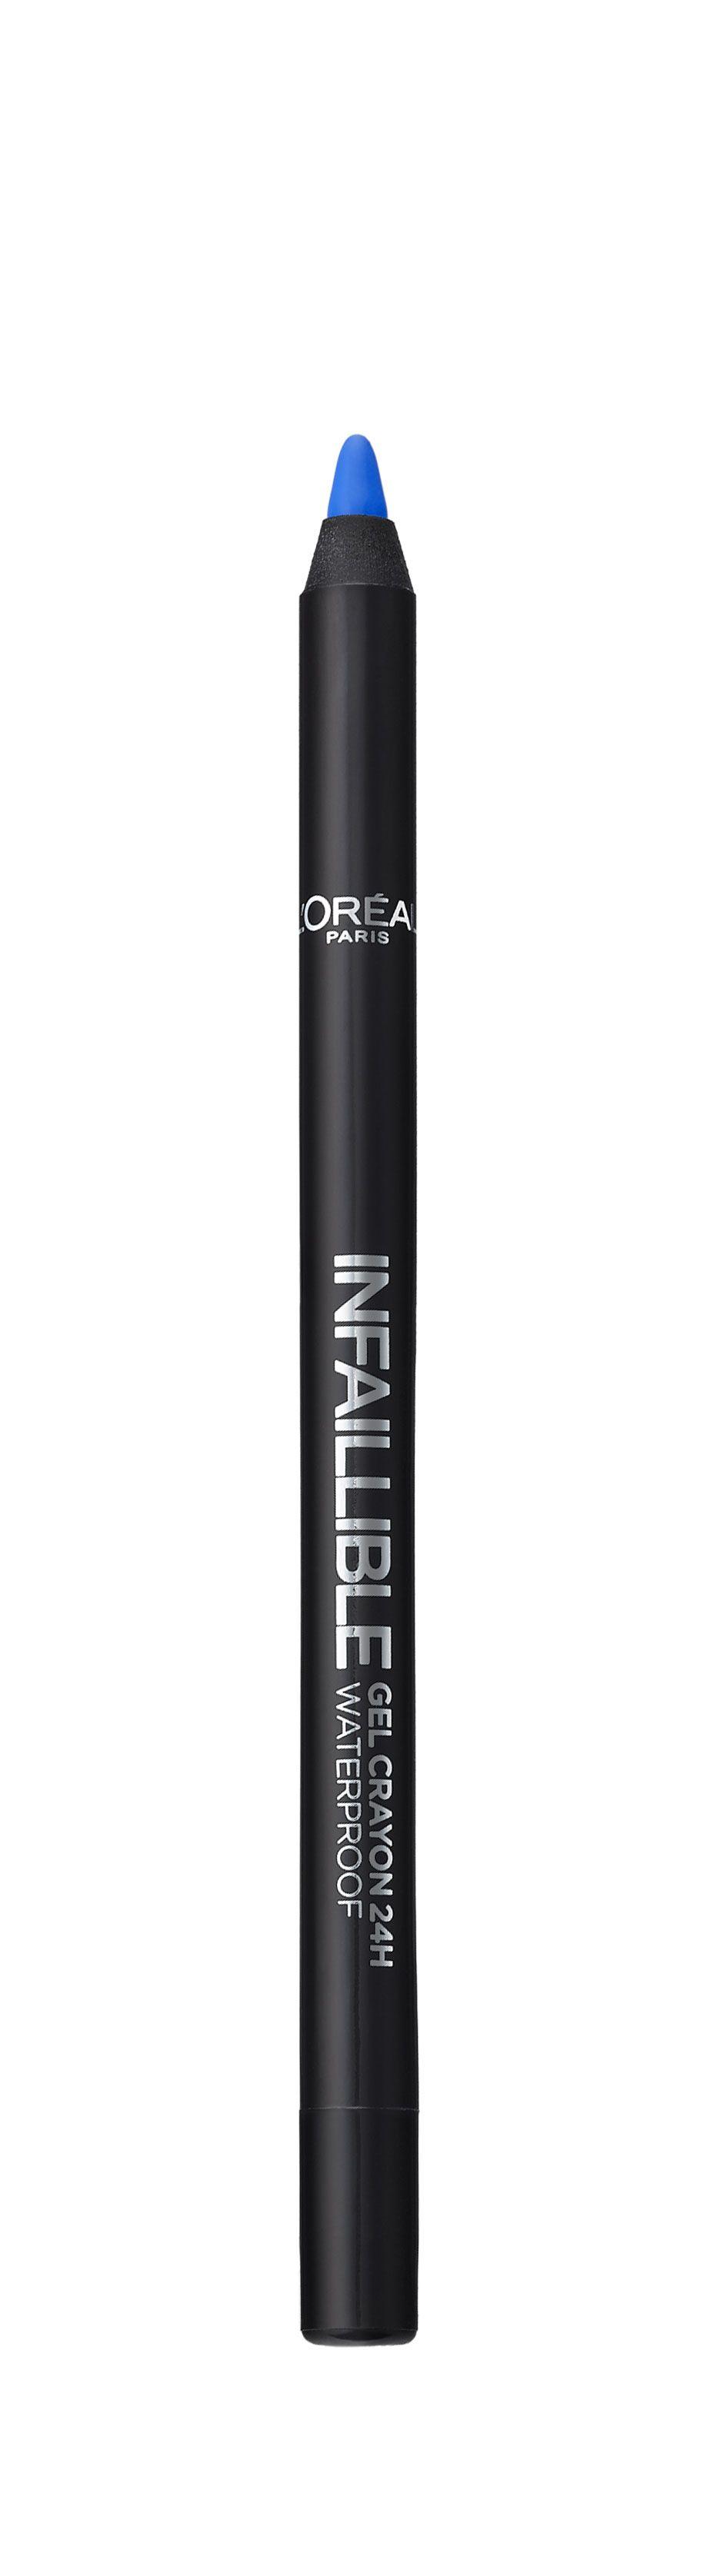 LOreal Paris Стойкий гелевый карандаш для глаз Infaillible, Оттенок 10, Попала на синий26102025Насыщенные пигменты и гелевая основа карандаша способствуют точному нанесению и устойчивому водостойкому результату на 24 часа. Множество оттенков – от базовых до самых ярких – для разнообразных вариантов макияжа.